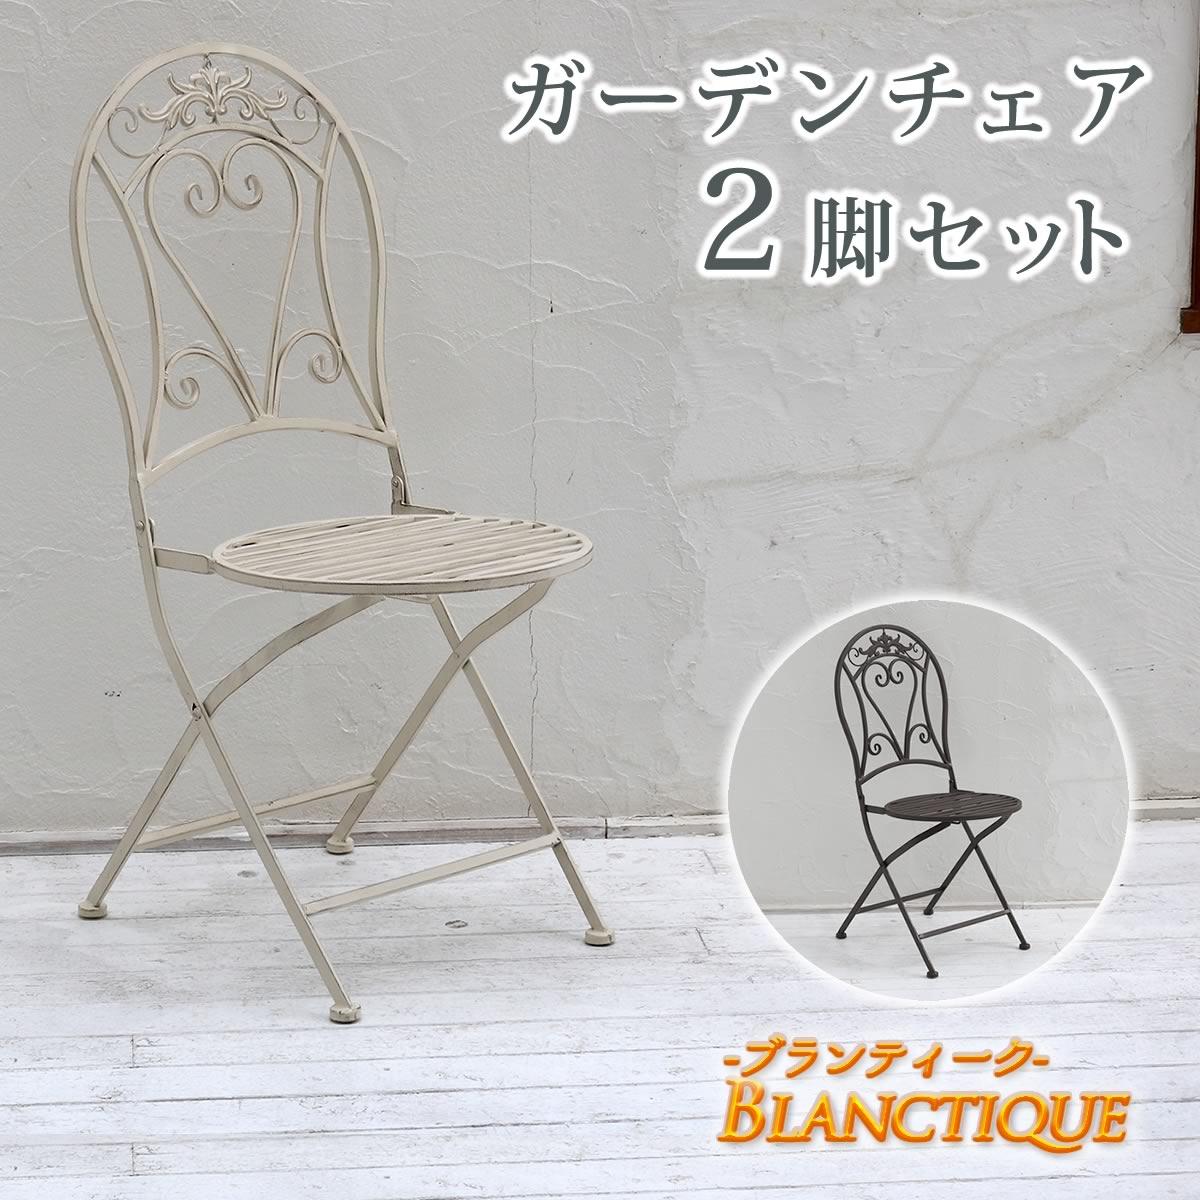 ガーデンテーブル テラス 庭 ウッドデッキ 椅子 アンティーク クラシカル イングリッシュガーデン ファニチャー シンプル モデル着用&注目アイテム おすすめ特集 2脚セット おしゃれ ブランティーク ホワイトアイアンチェア カフェ 家具 インテリア 送料無料 北欧